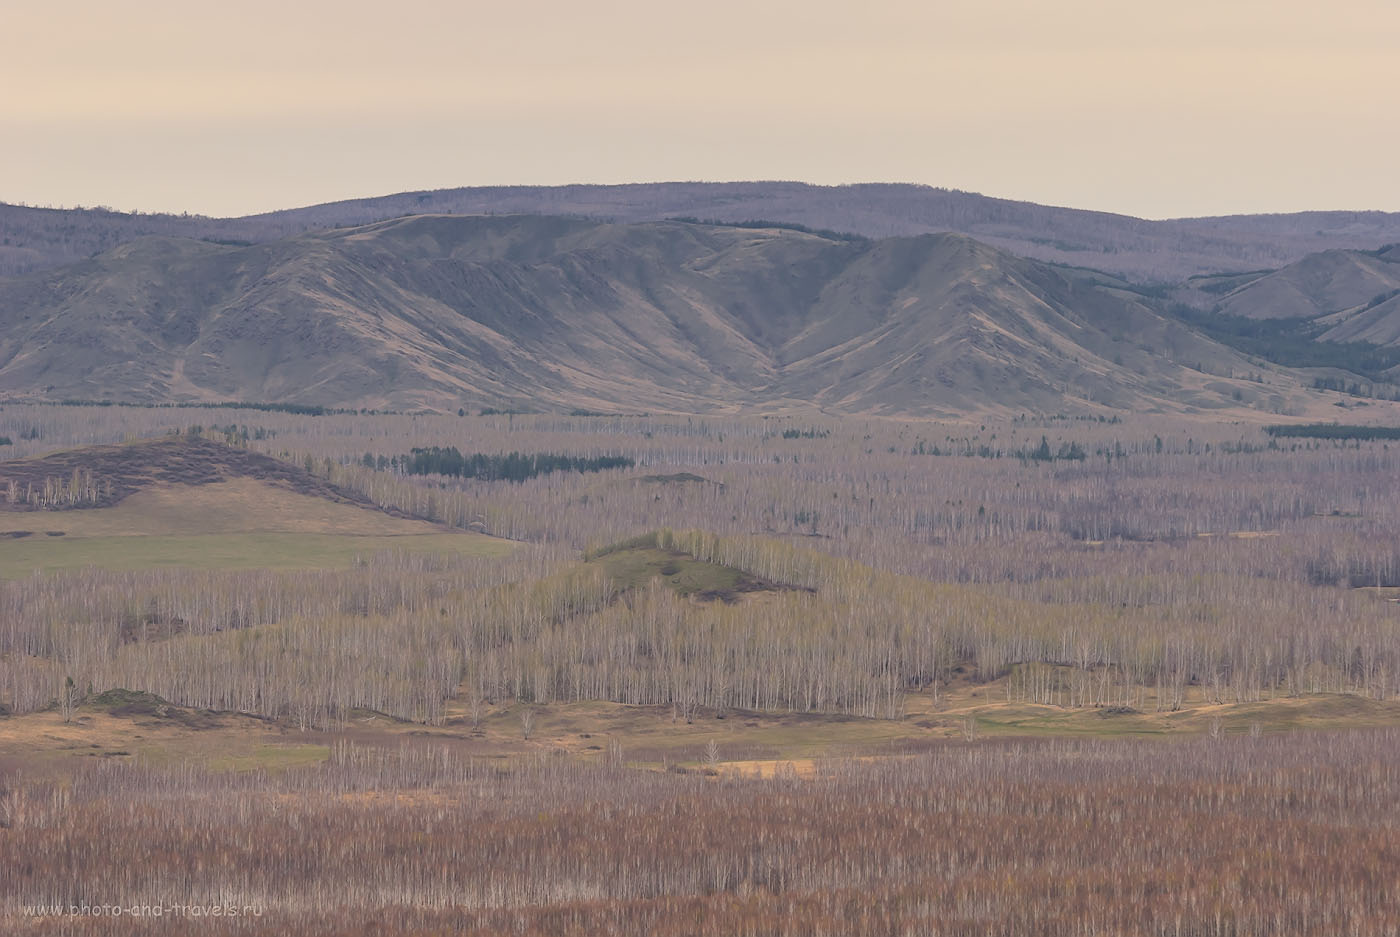 Снимок 43. Прошлогодние майские праздники мы съездили тоже отдохнуть в Башкирию, и забрались на этот хребет Нурали. 1/250, -0.33, 8.0, 250, 155.